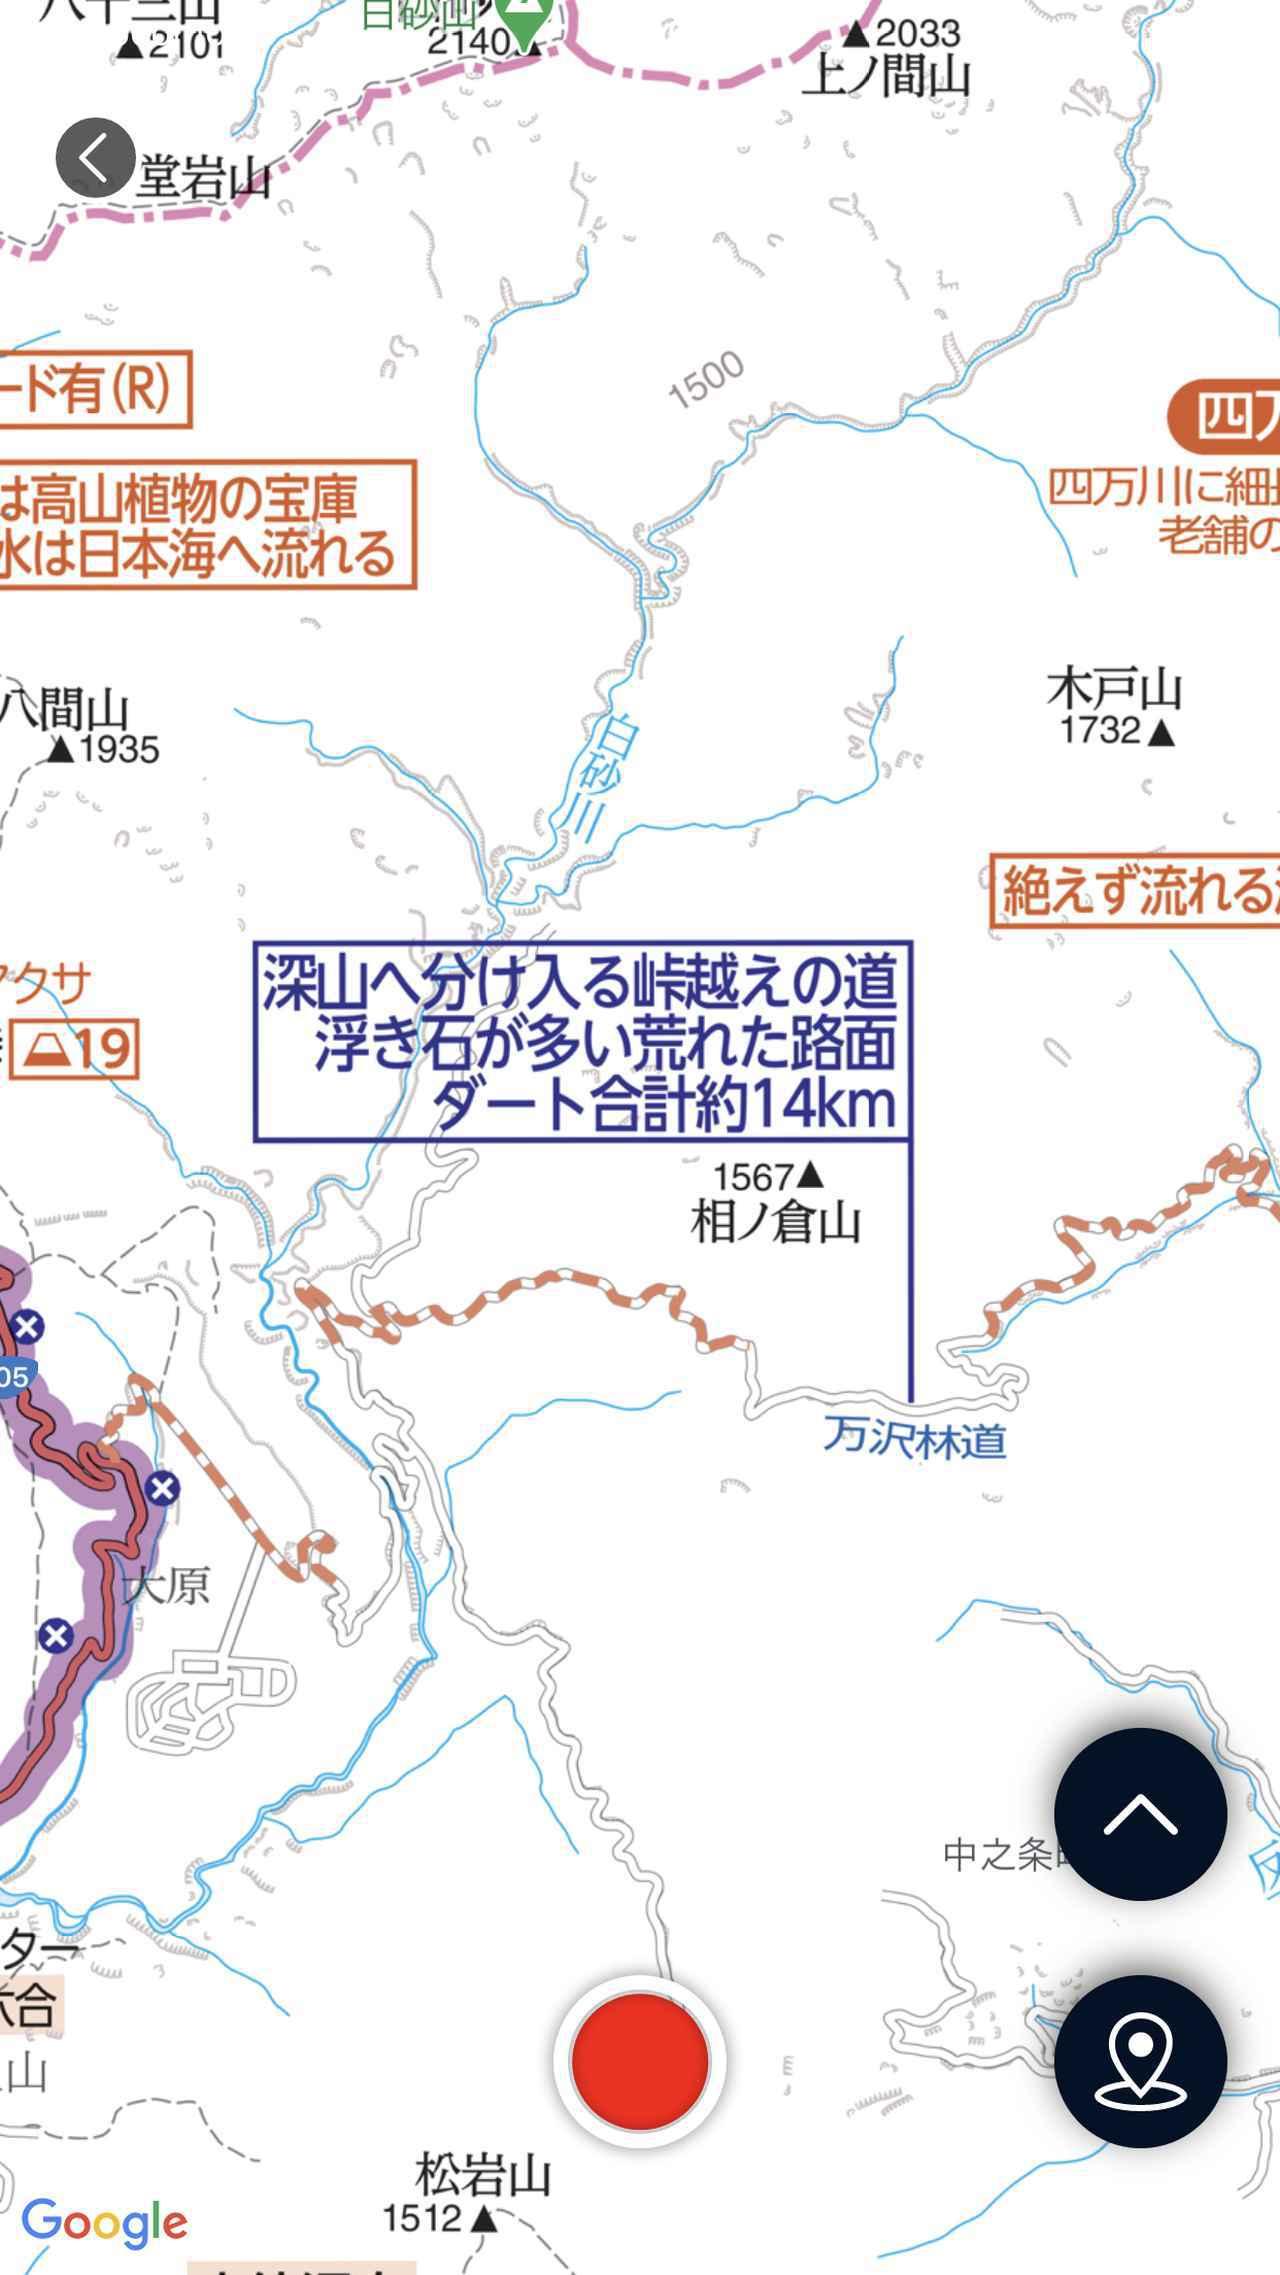 画像3: Google Map×ツーリングマップルの神アプリ登場